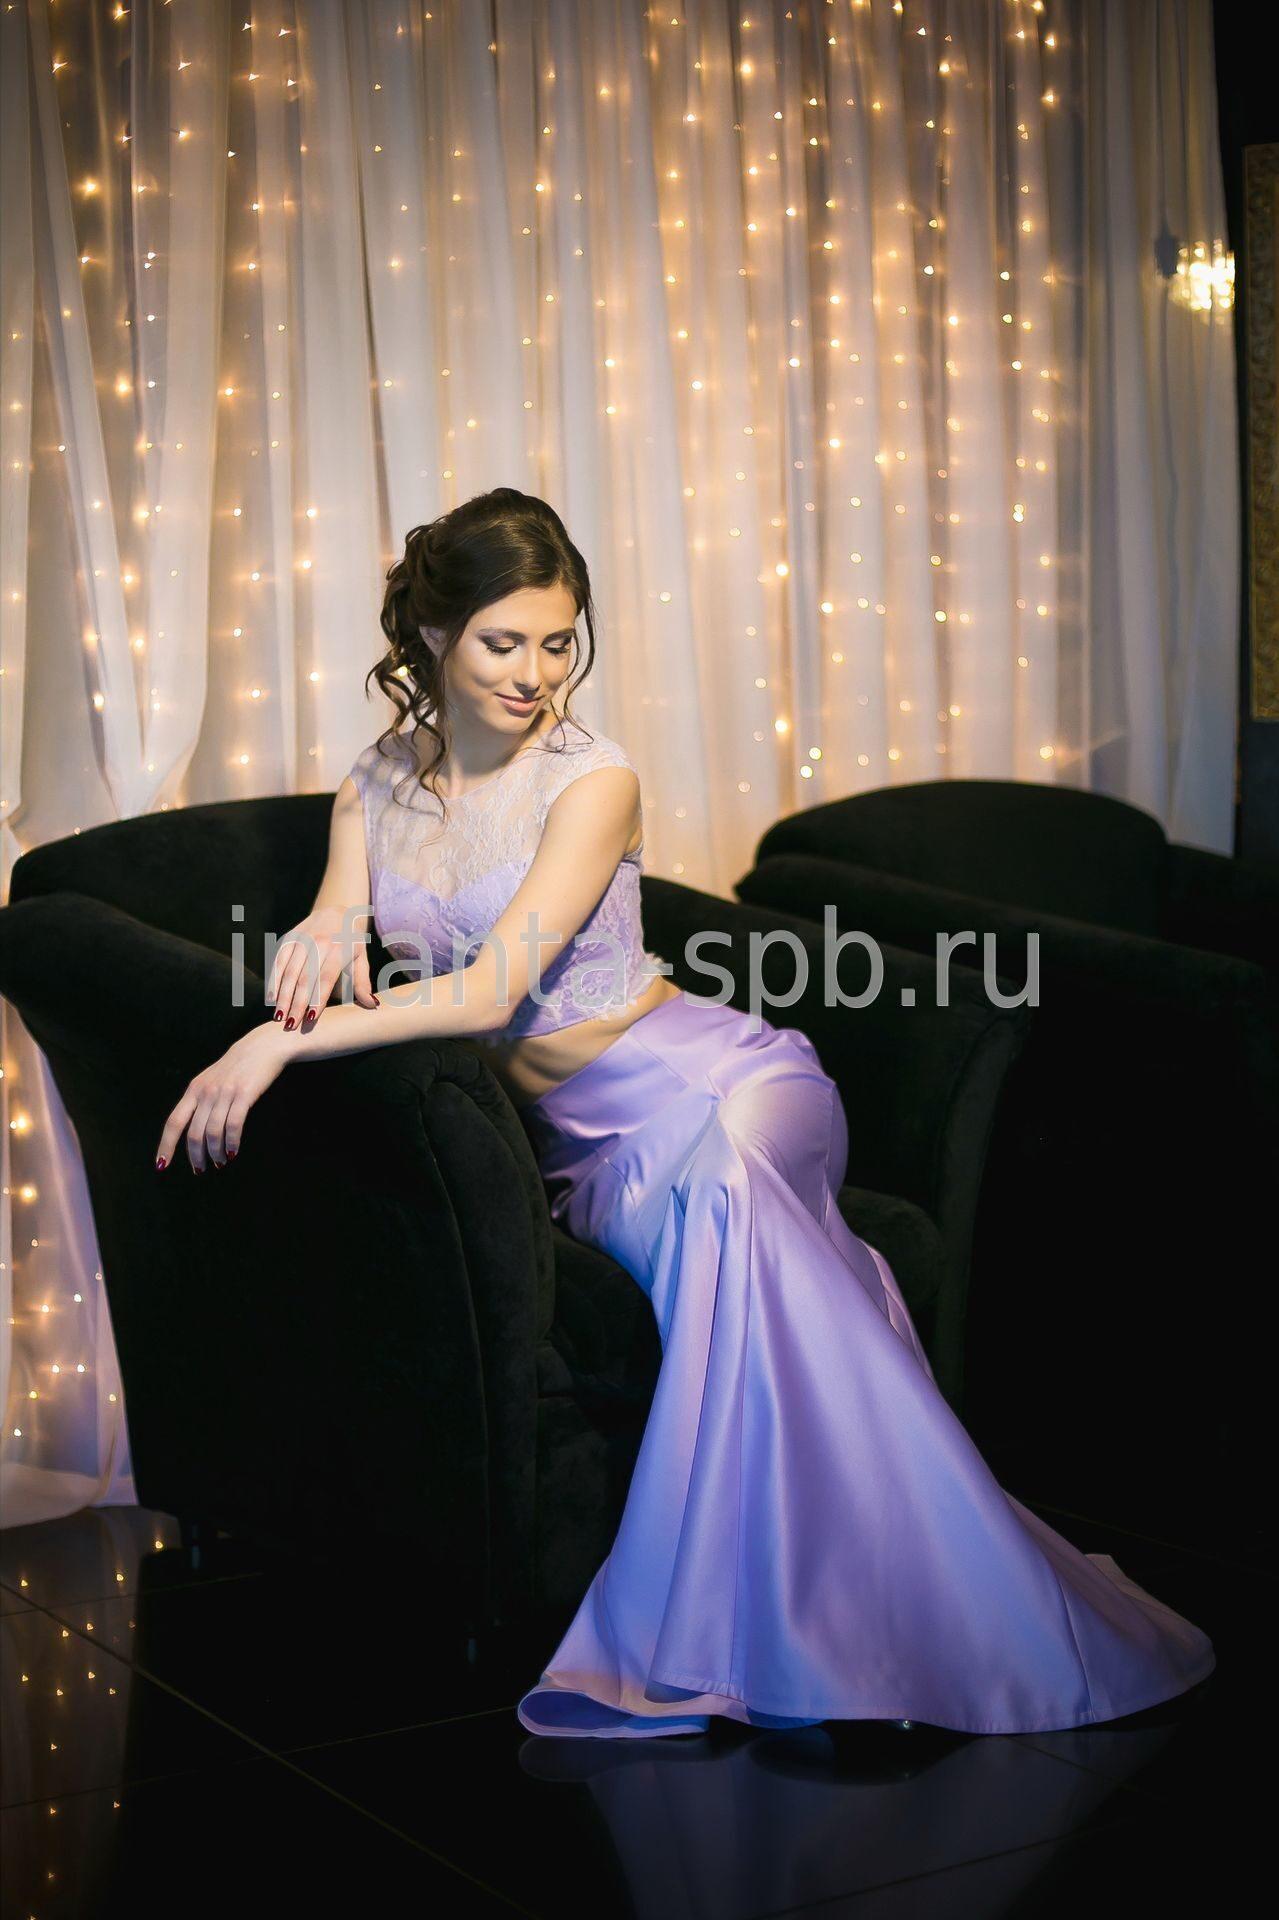 b1752820037 Кроп-топ и юбка силуэта русалка купить на выпускной Спб